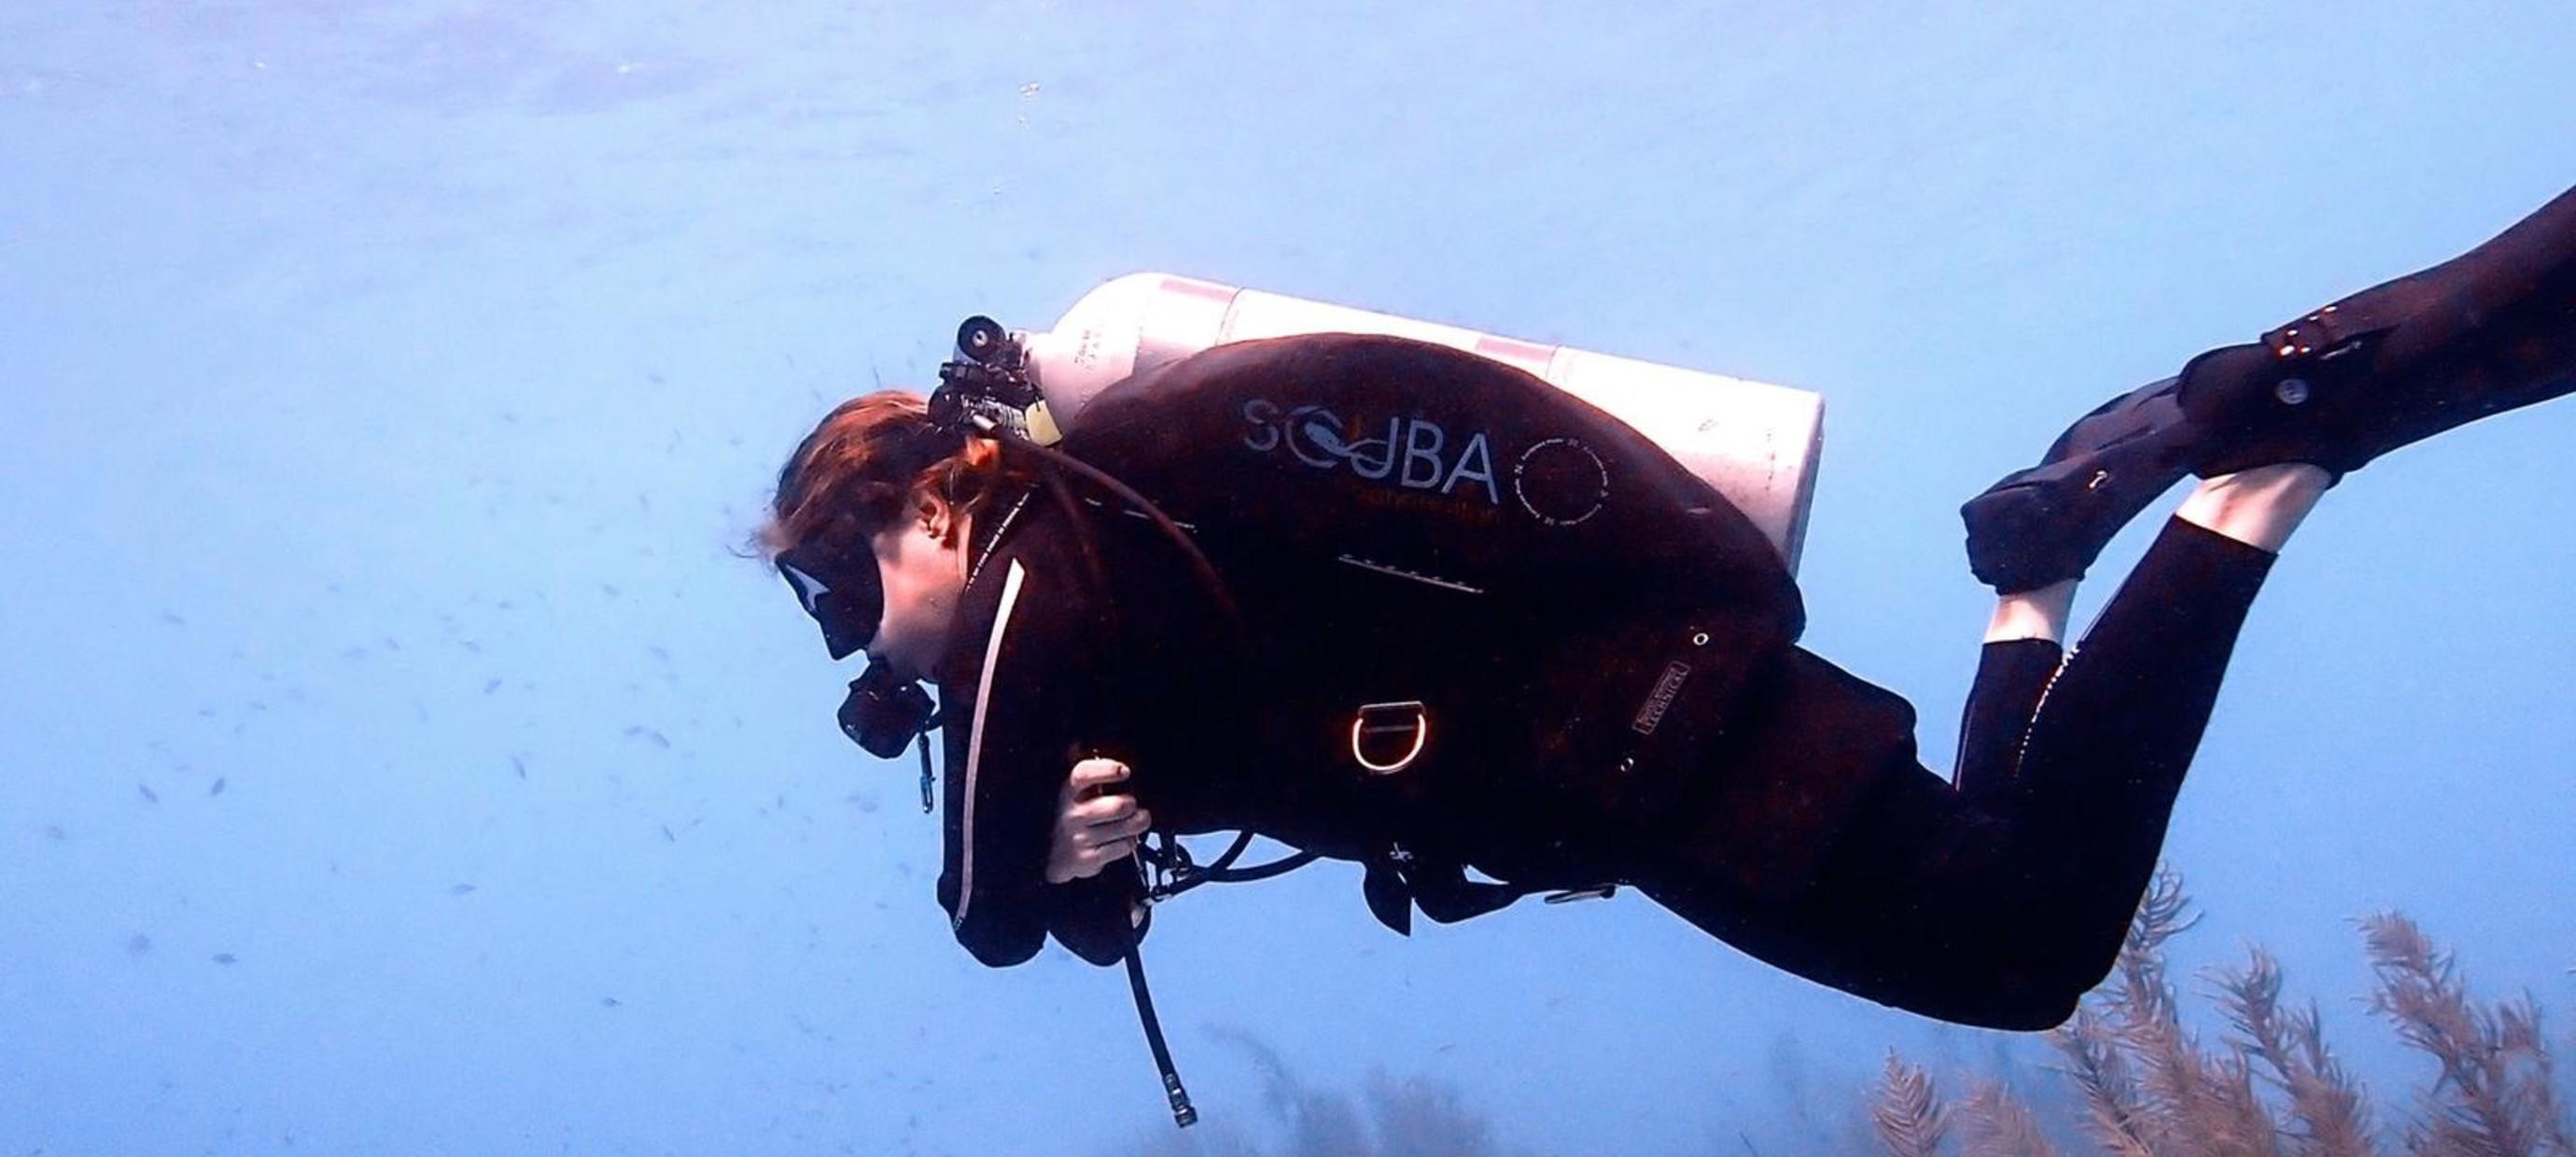 Scuba Connection Webinars! Start alvast met jouw PADi duikcursus